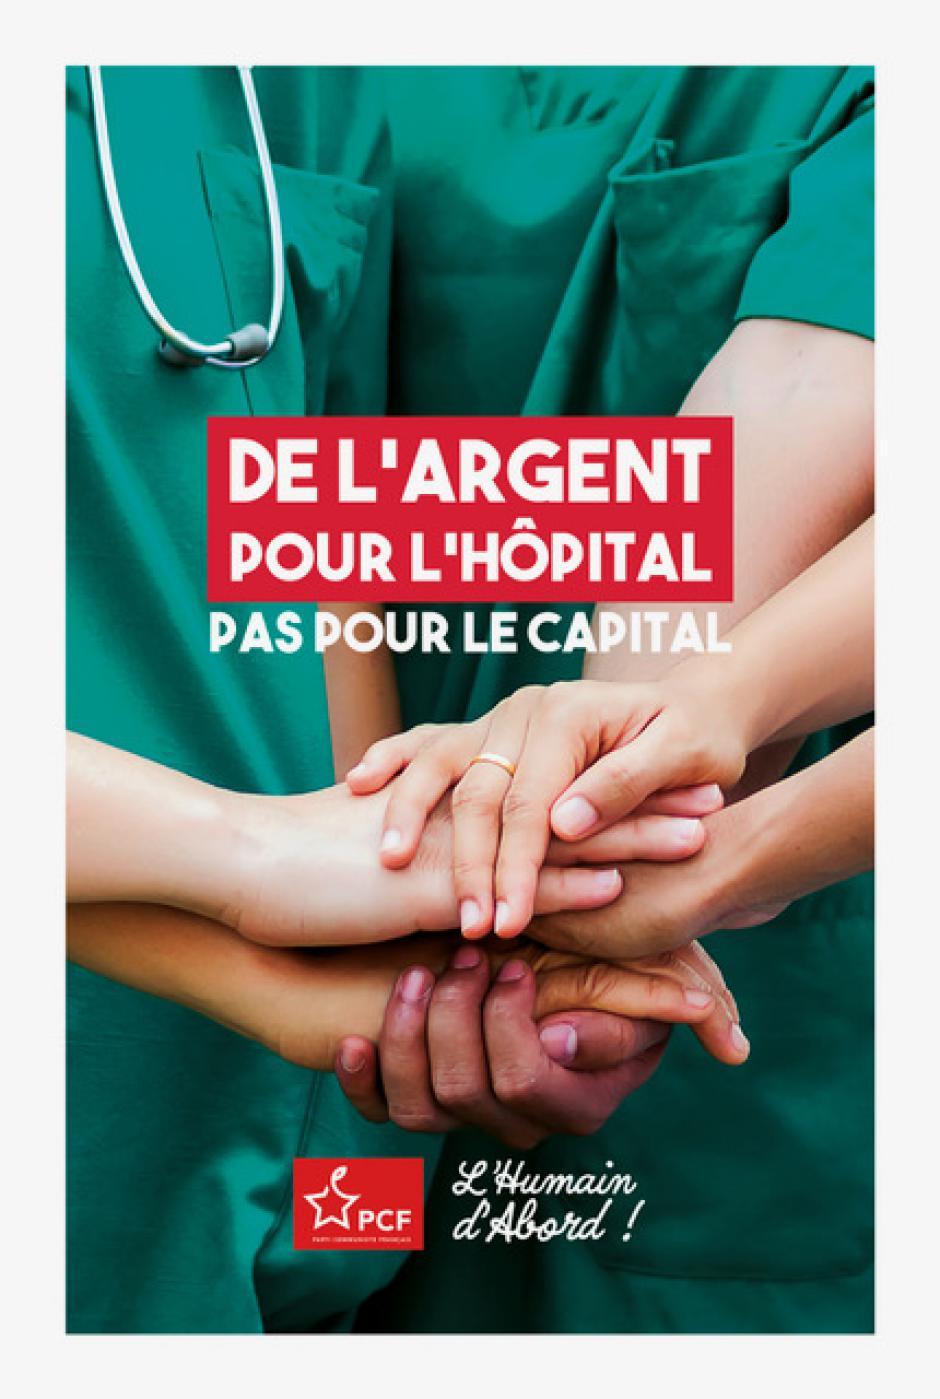 16 juin, Beauvais, Compiègne & Creil - Journée nationale d'action pour la santé